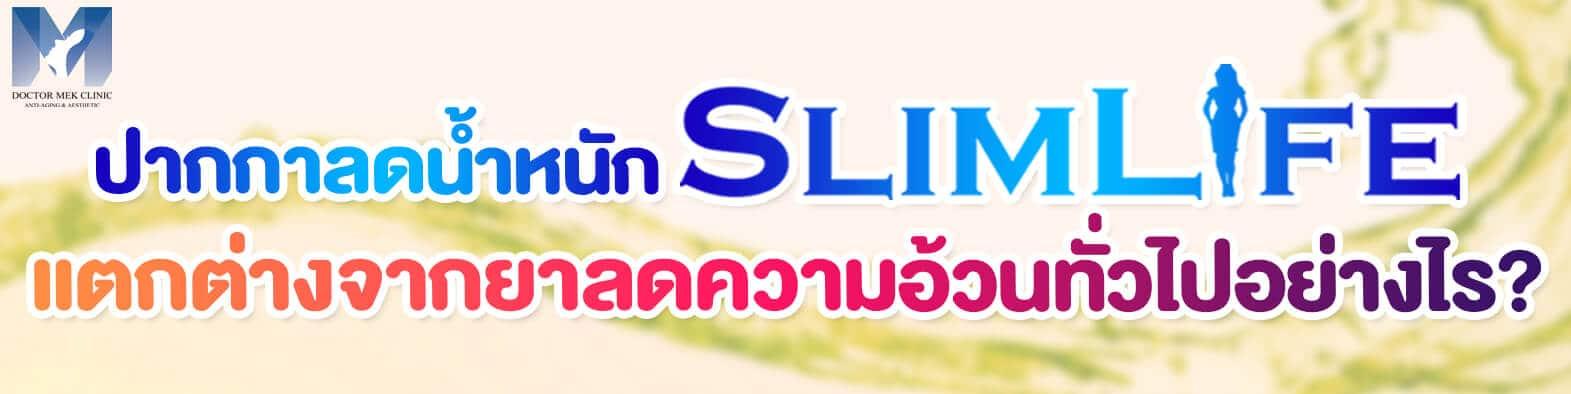 ปากกาลดน้ำหนัก Slim Life แตกต่างจากยาลดความอ้วนทั่วไปอย่างไร ?